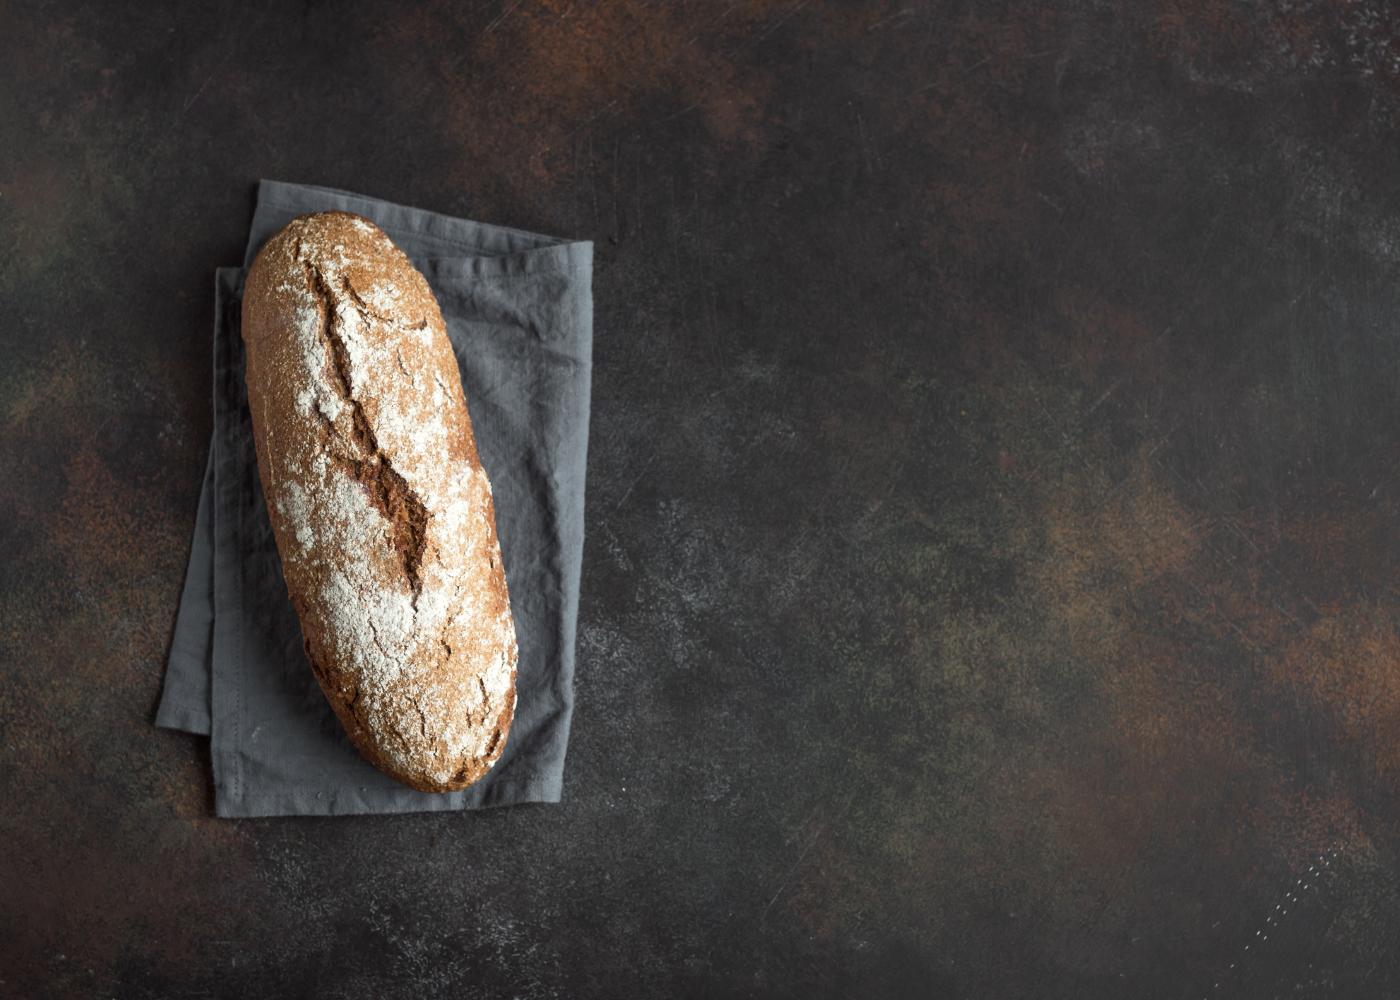 receitas de pao na bimby: tenha pao fresco todos os dias